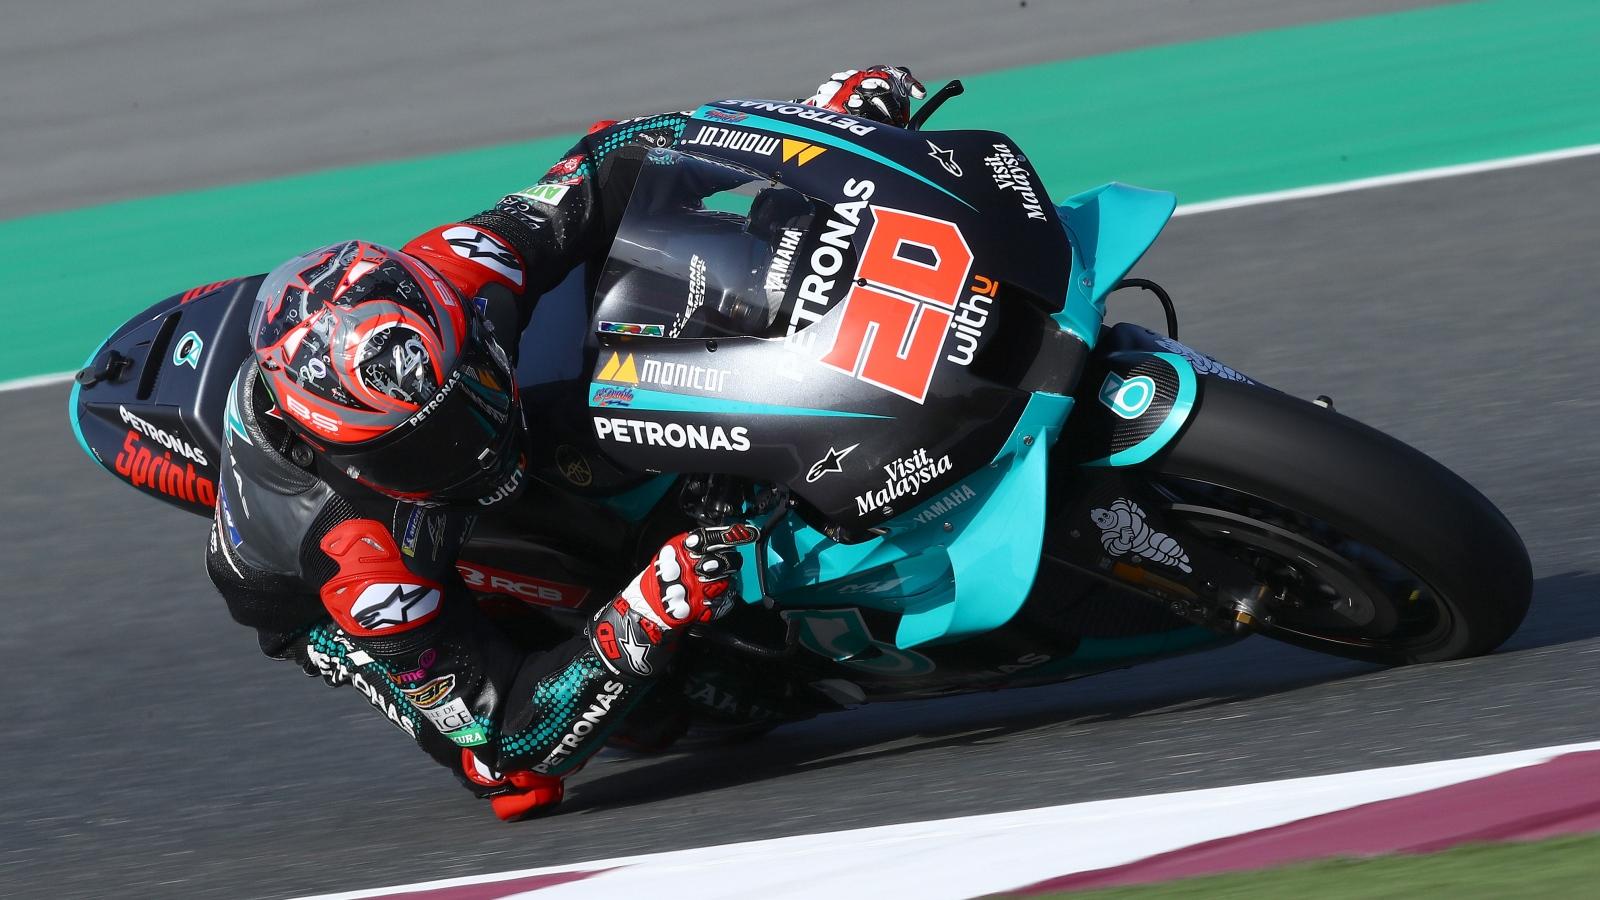 Fabio Quartararo supera a Álex Rins el segundo día del test de MotoGP 2020 en Qatar